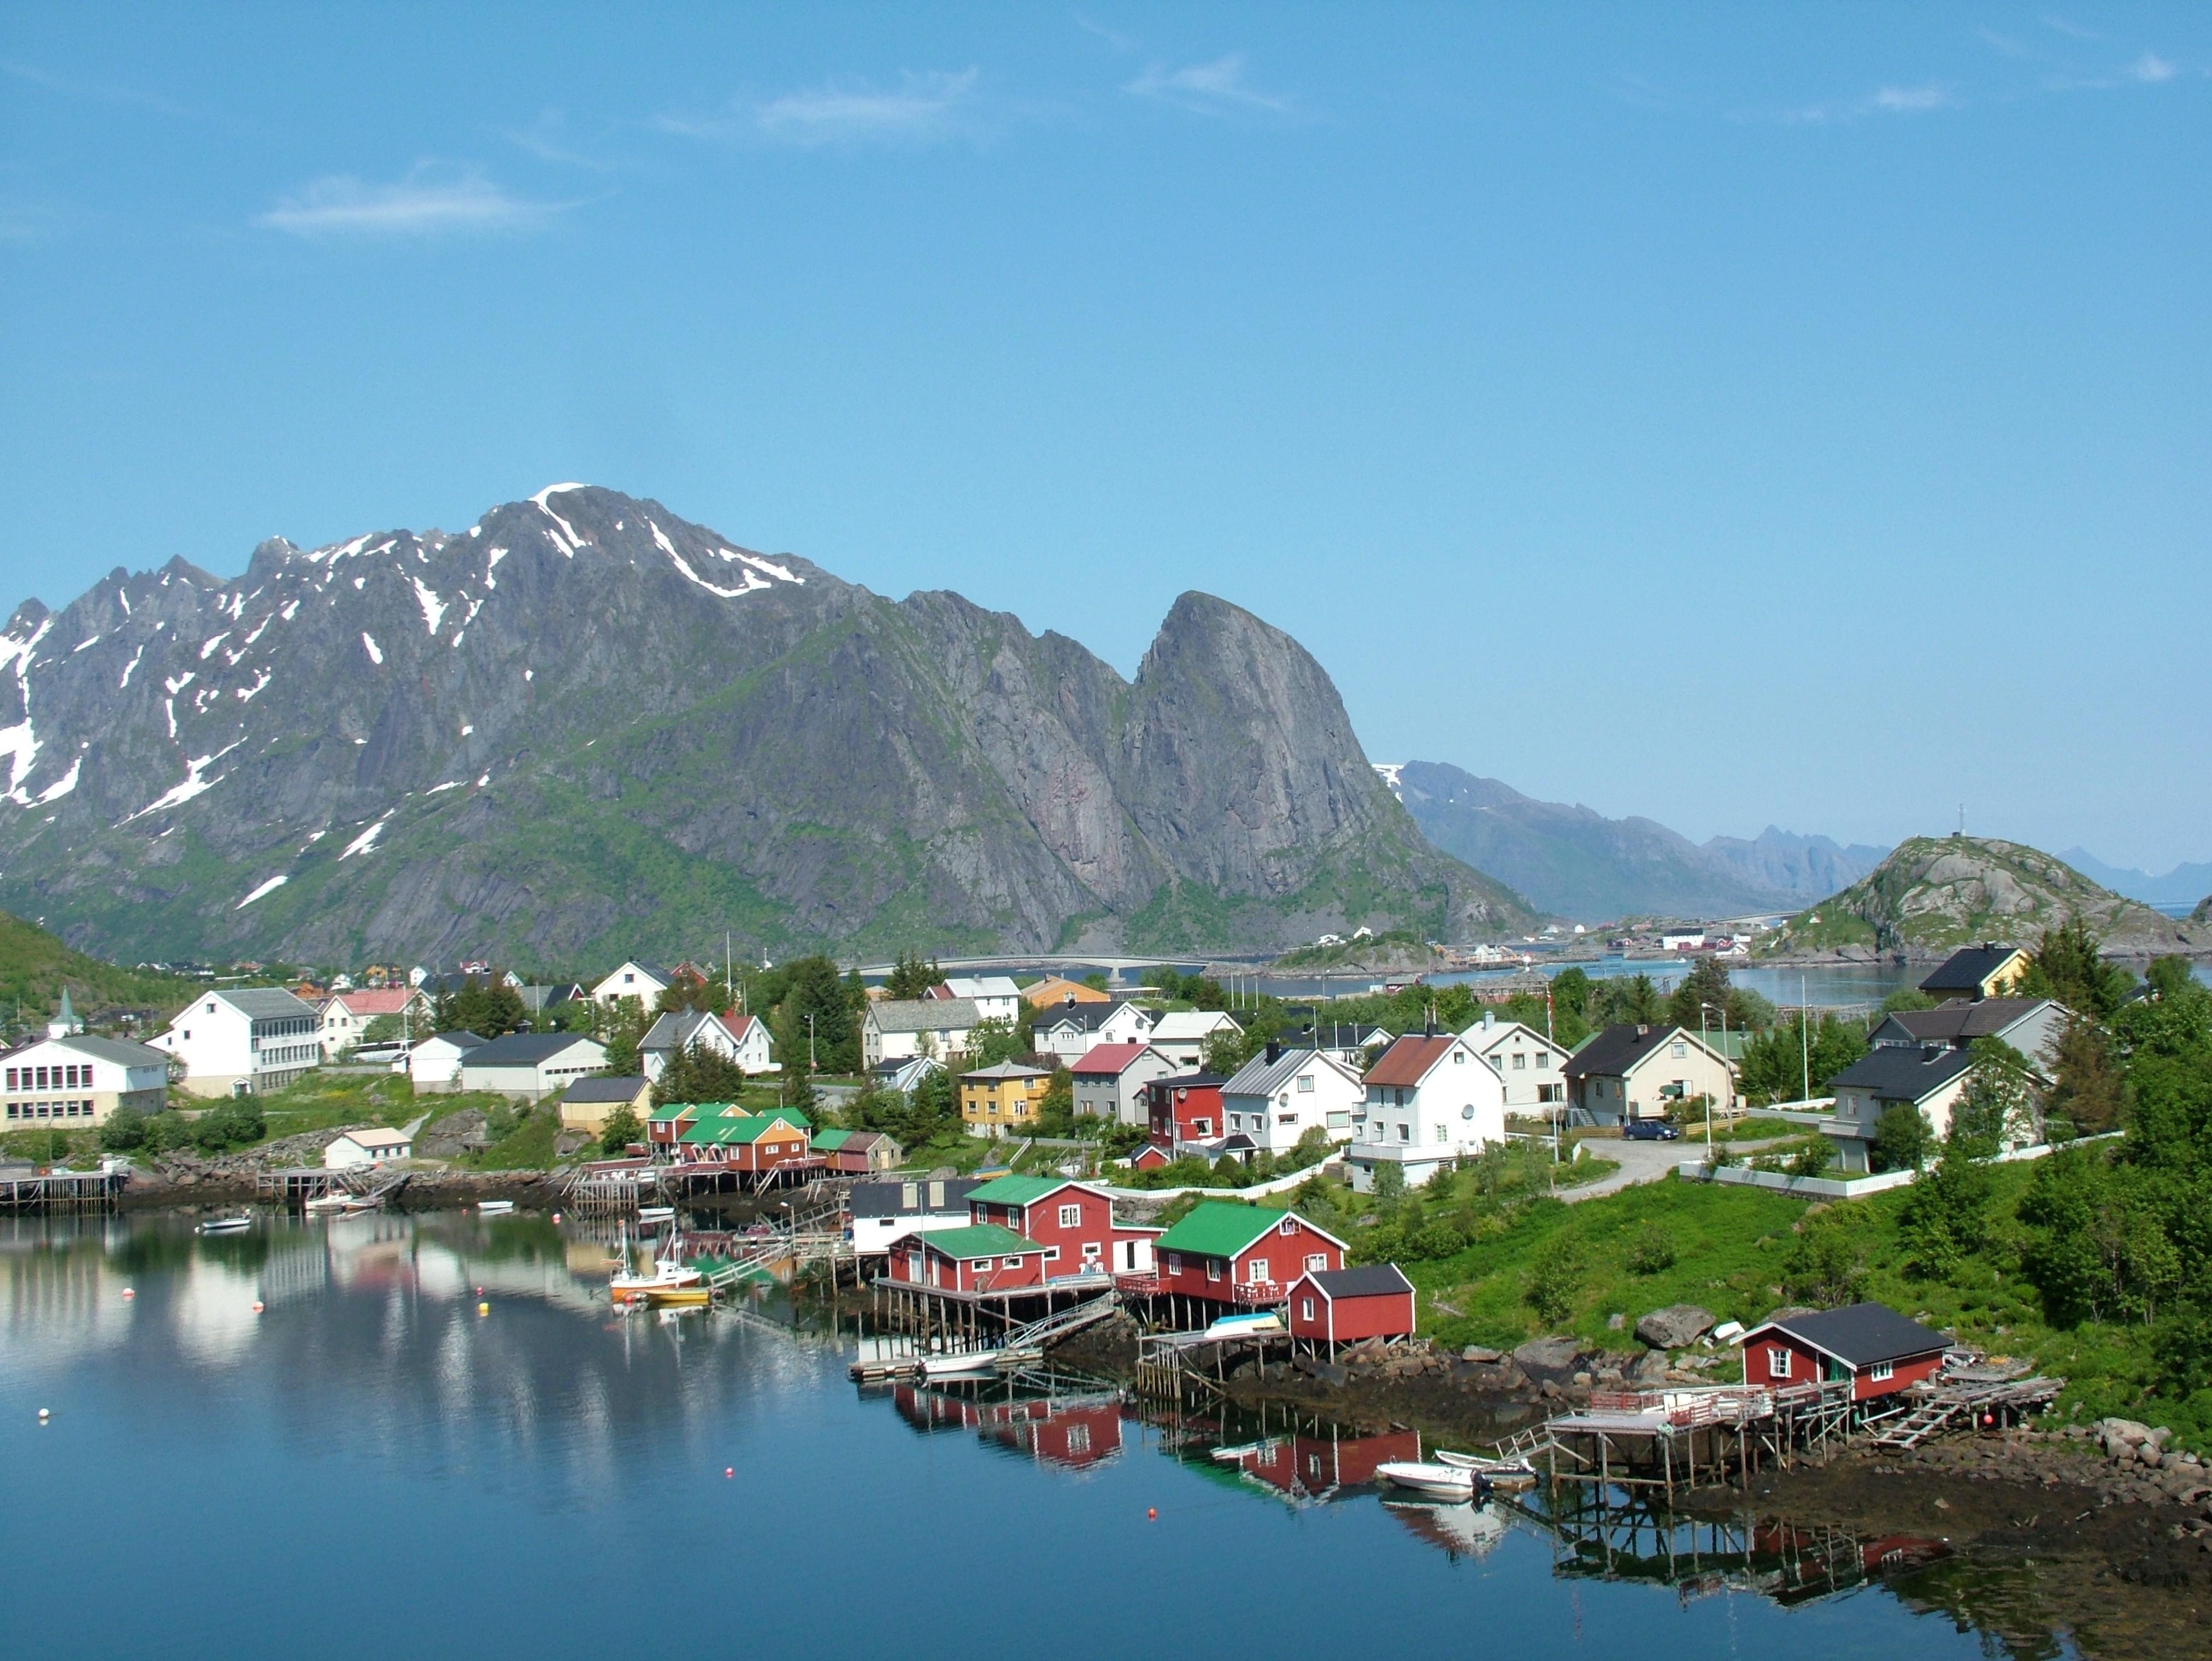 kart over reine i lofoten Nordland | Familypedia | FANDOM powered by Wikia kart over reine i lofoten